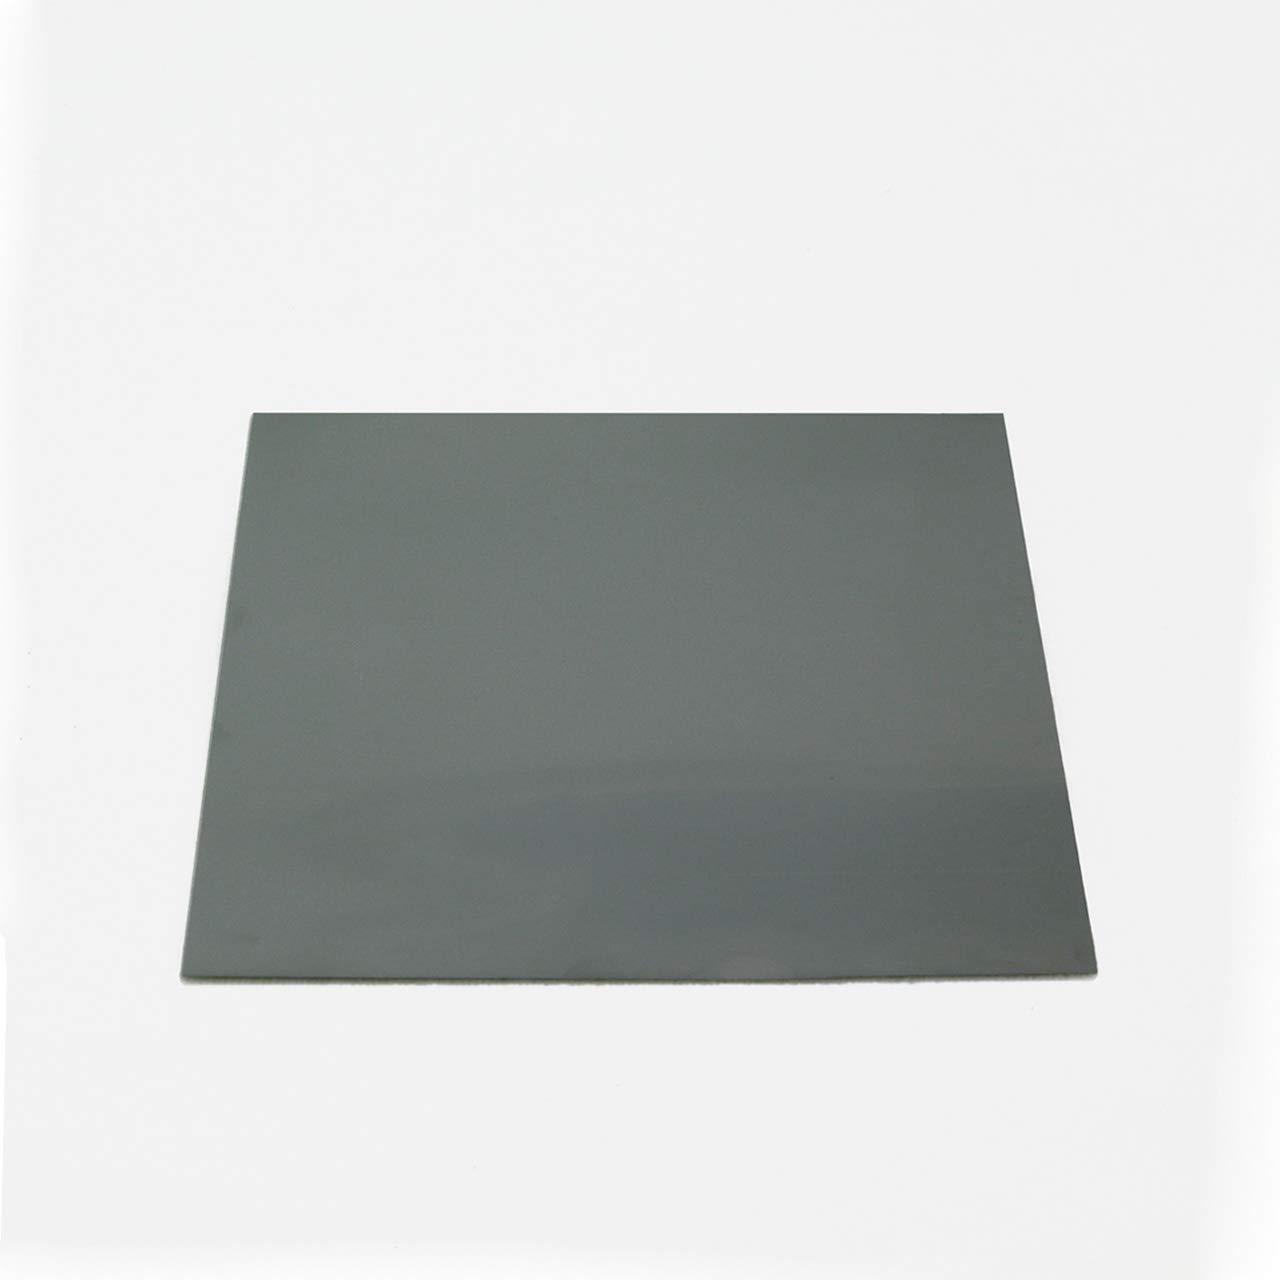 Pure Tungsten Sheet - 0.005'' x 6'' x 6'' by Midwest Tungsten Service